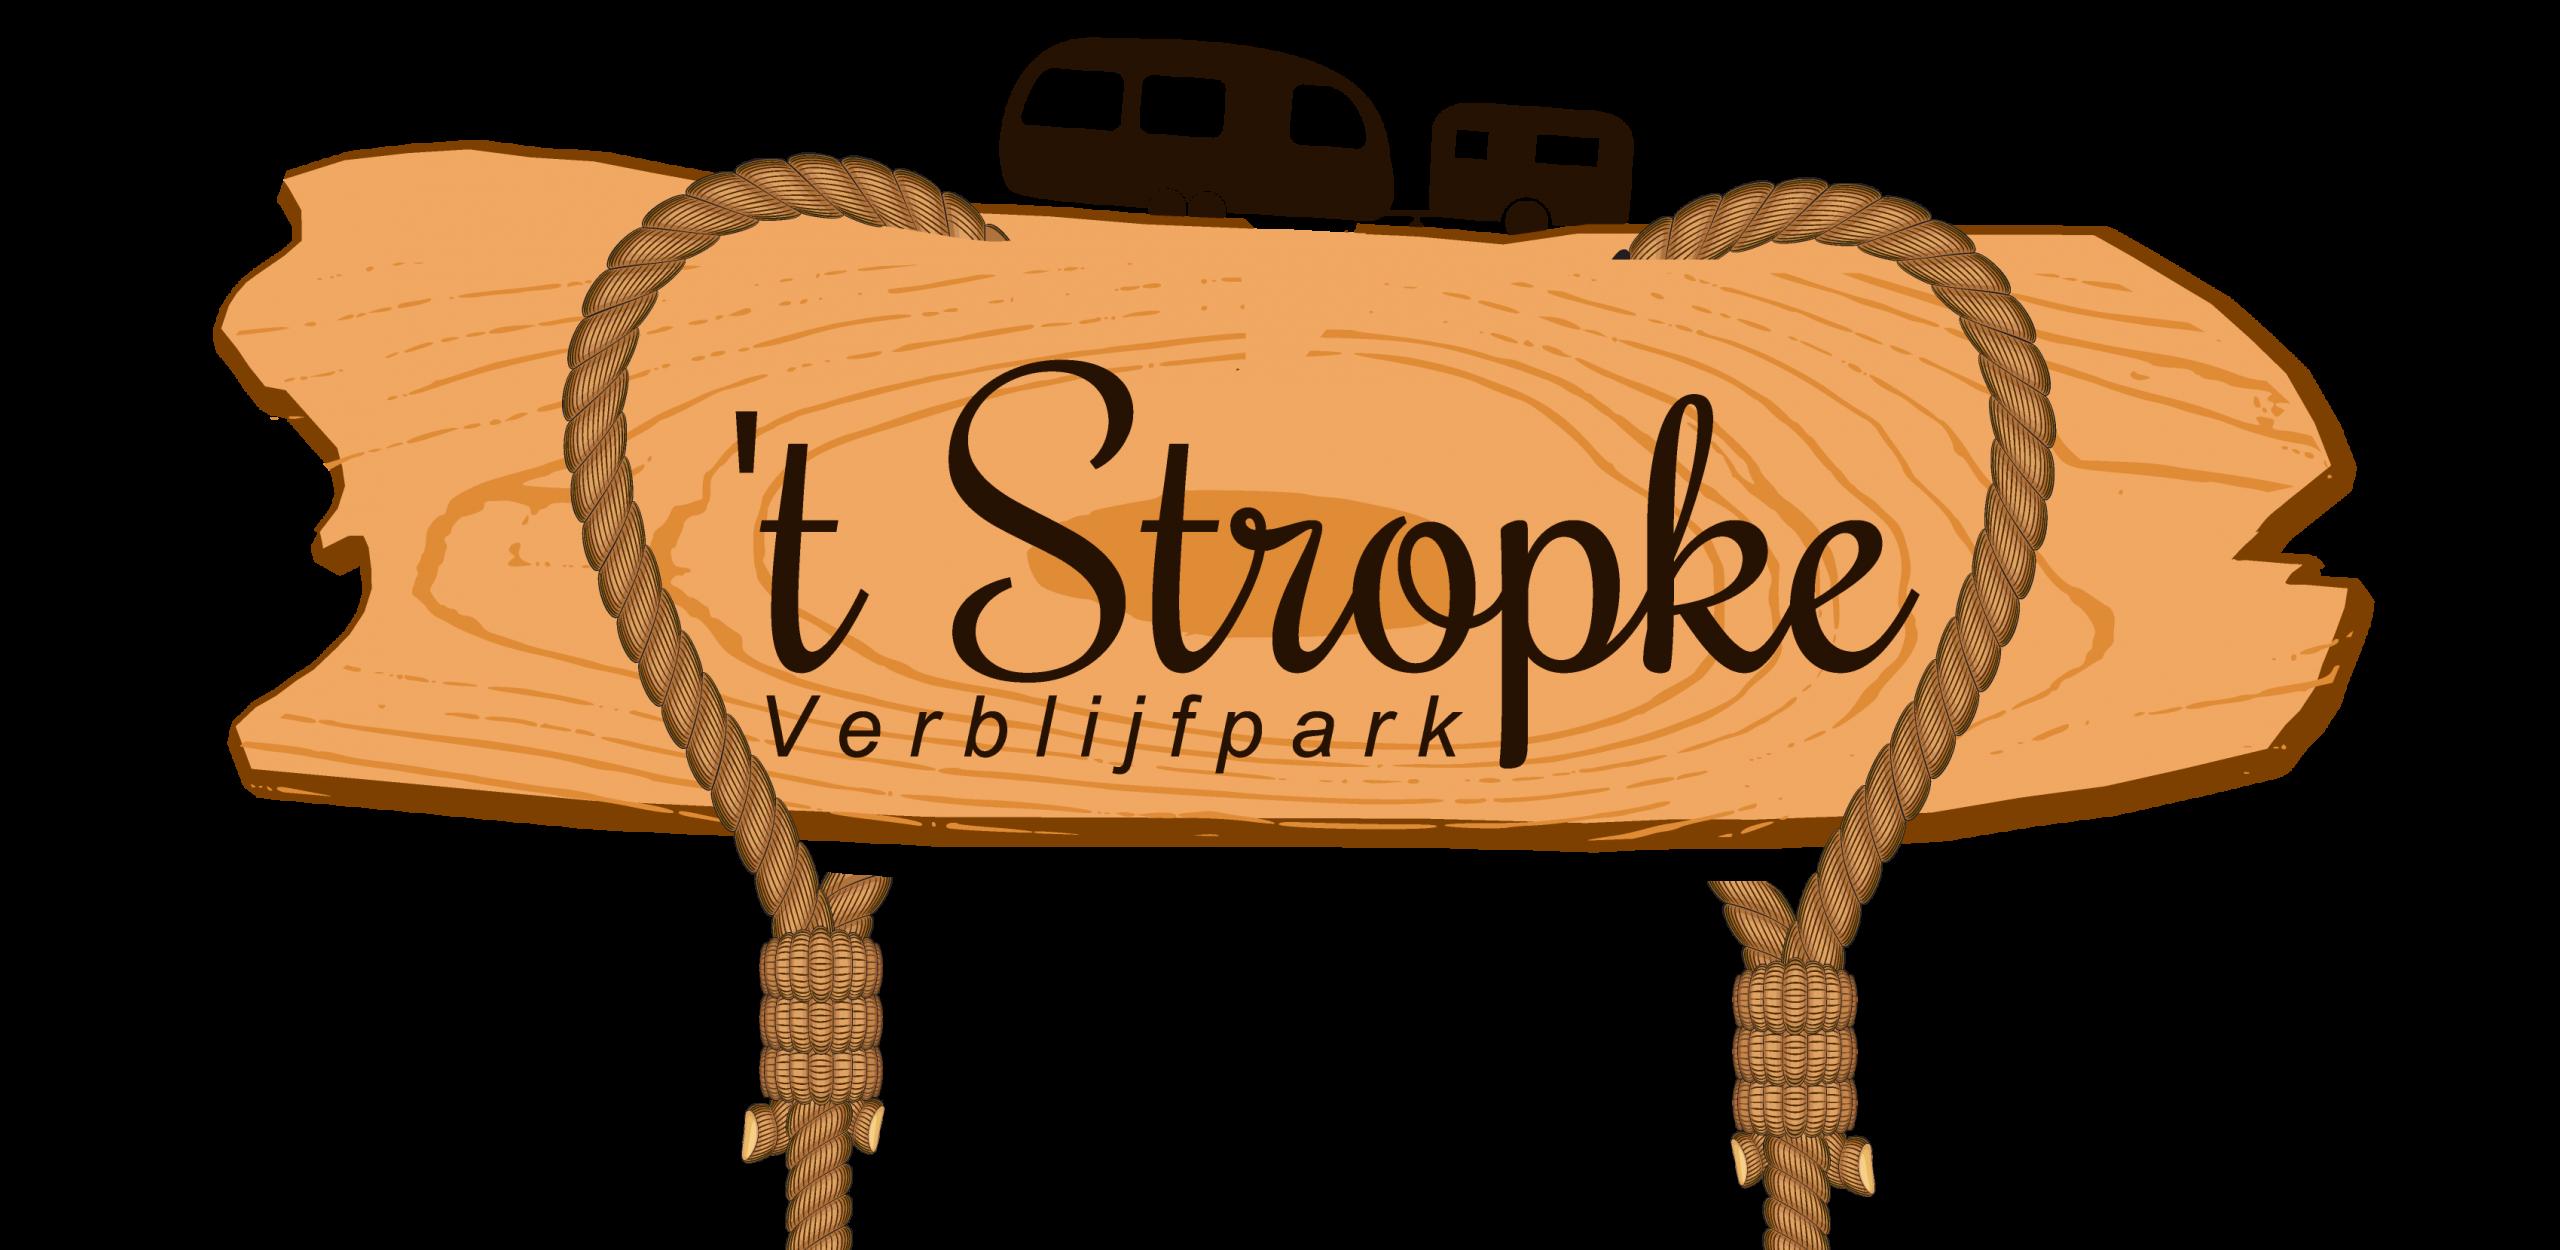 Kampeerverblijfpark 't Stropke